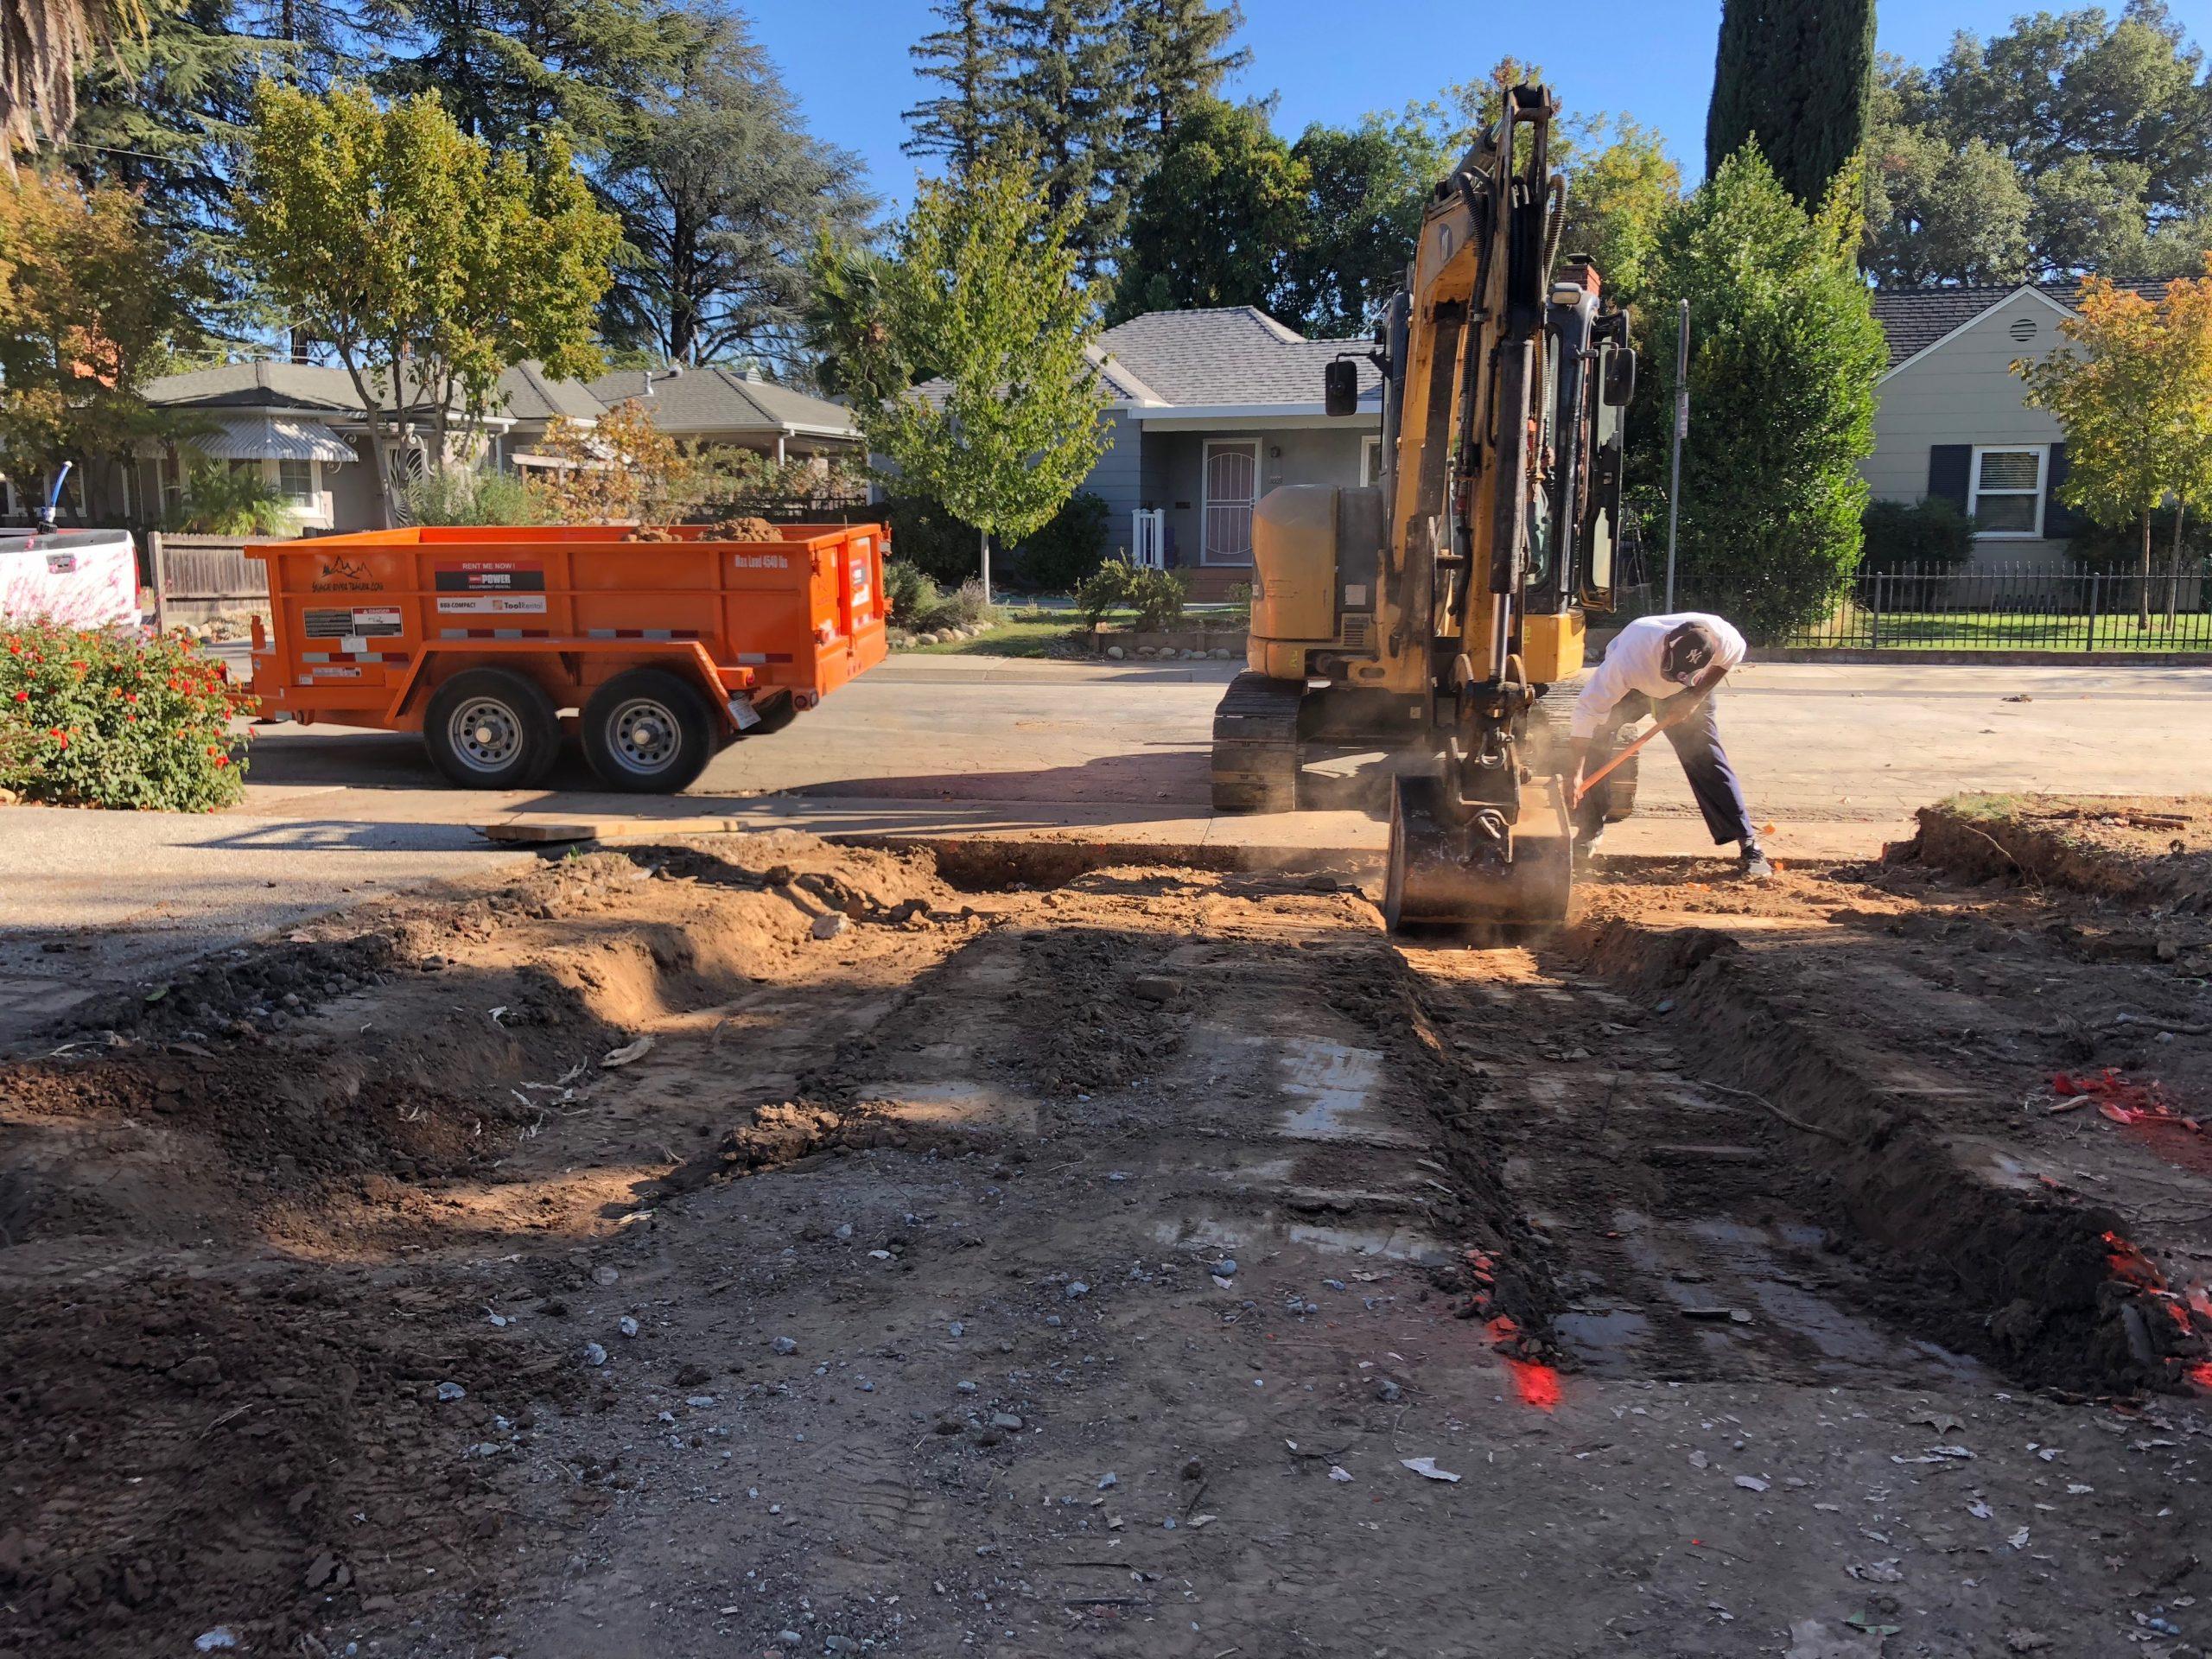 this picture shows concrete company in livermore california